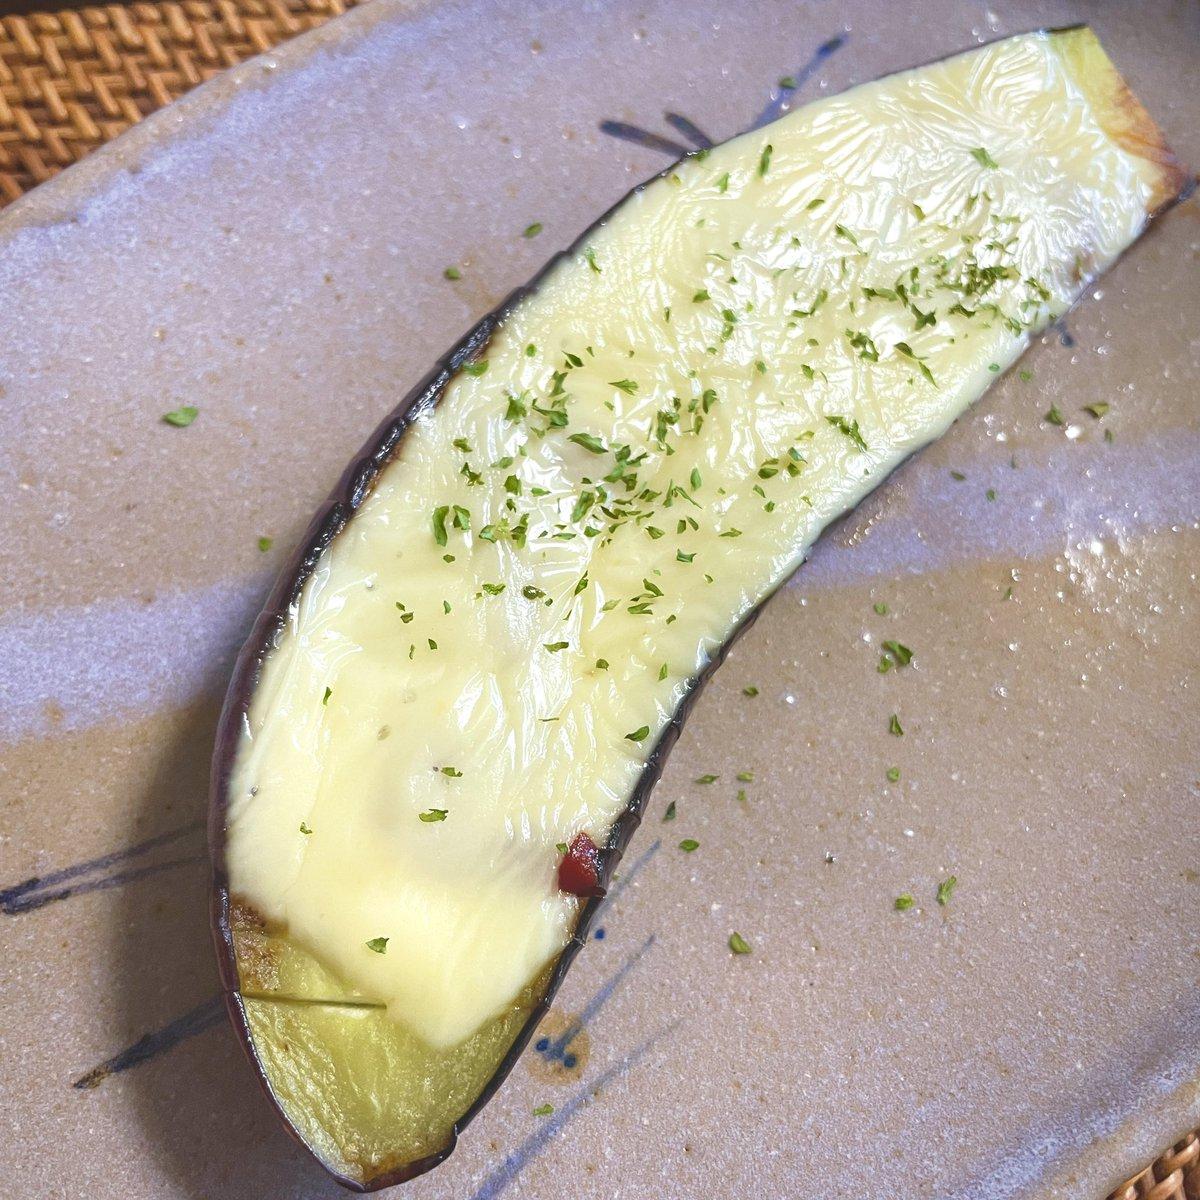 こんな食べ方もあり?!ズッキーニは生のまま薄切りにして食べても美味しい!